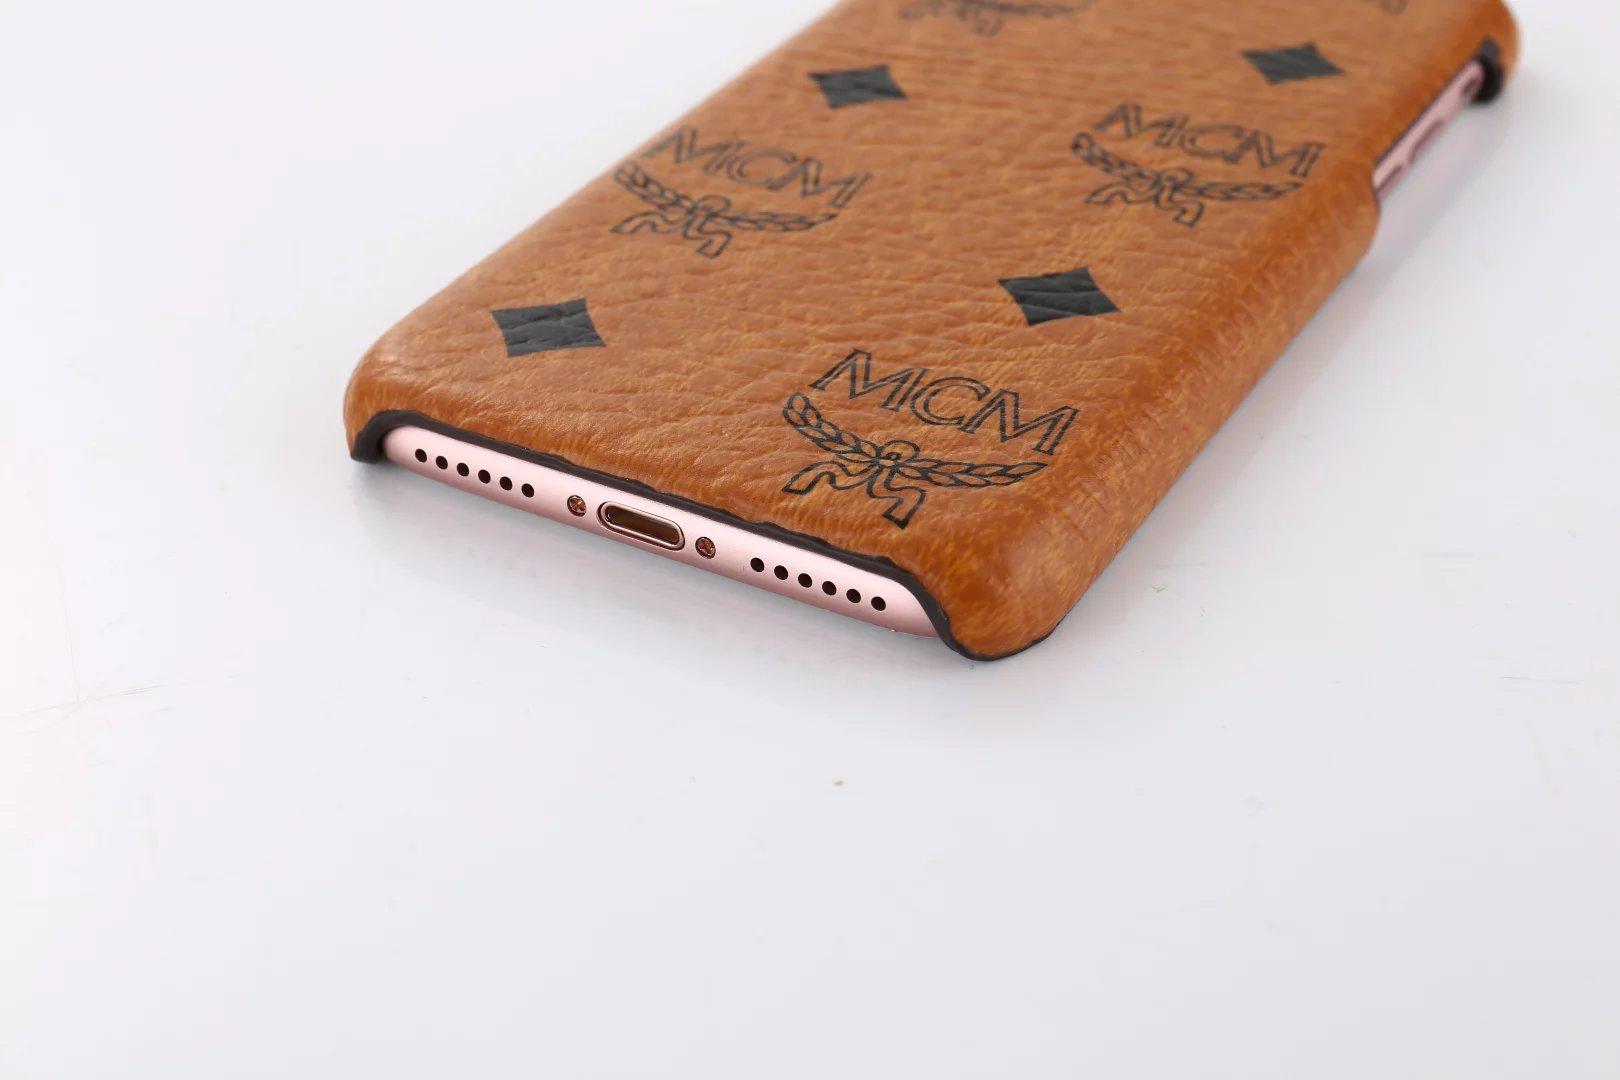 best iphone cases 6s Plus great iphone 6s Plus cases fashion iphone6s plus case iphone 6 6s case buy cell phone cases best iphone cases for 6s new iphone 6 cases custom iphone skins iphone with case